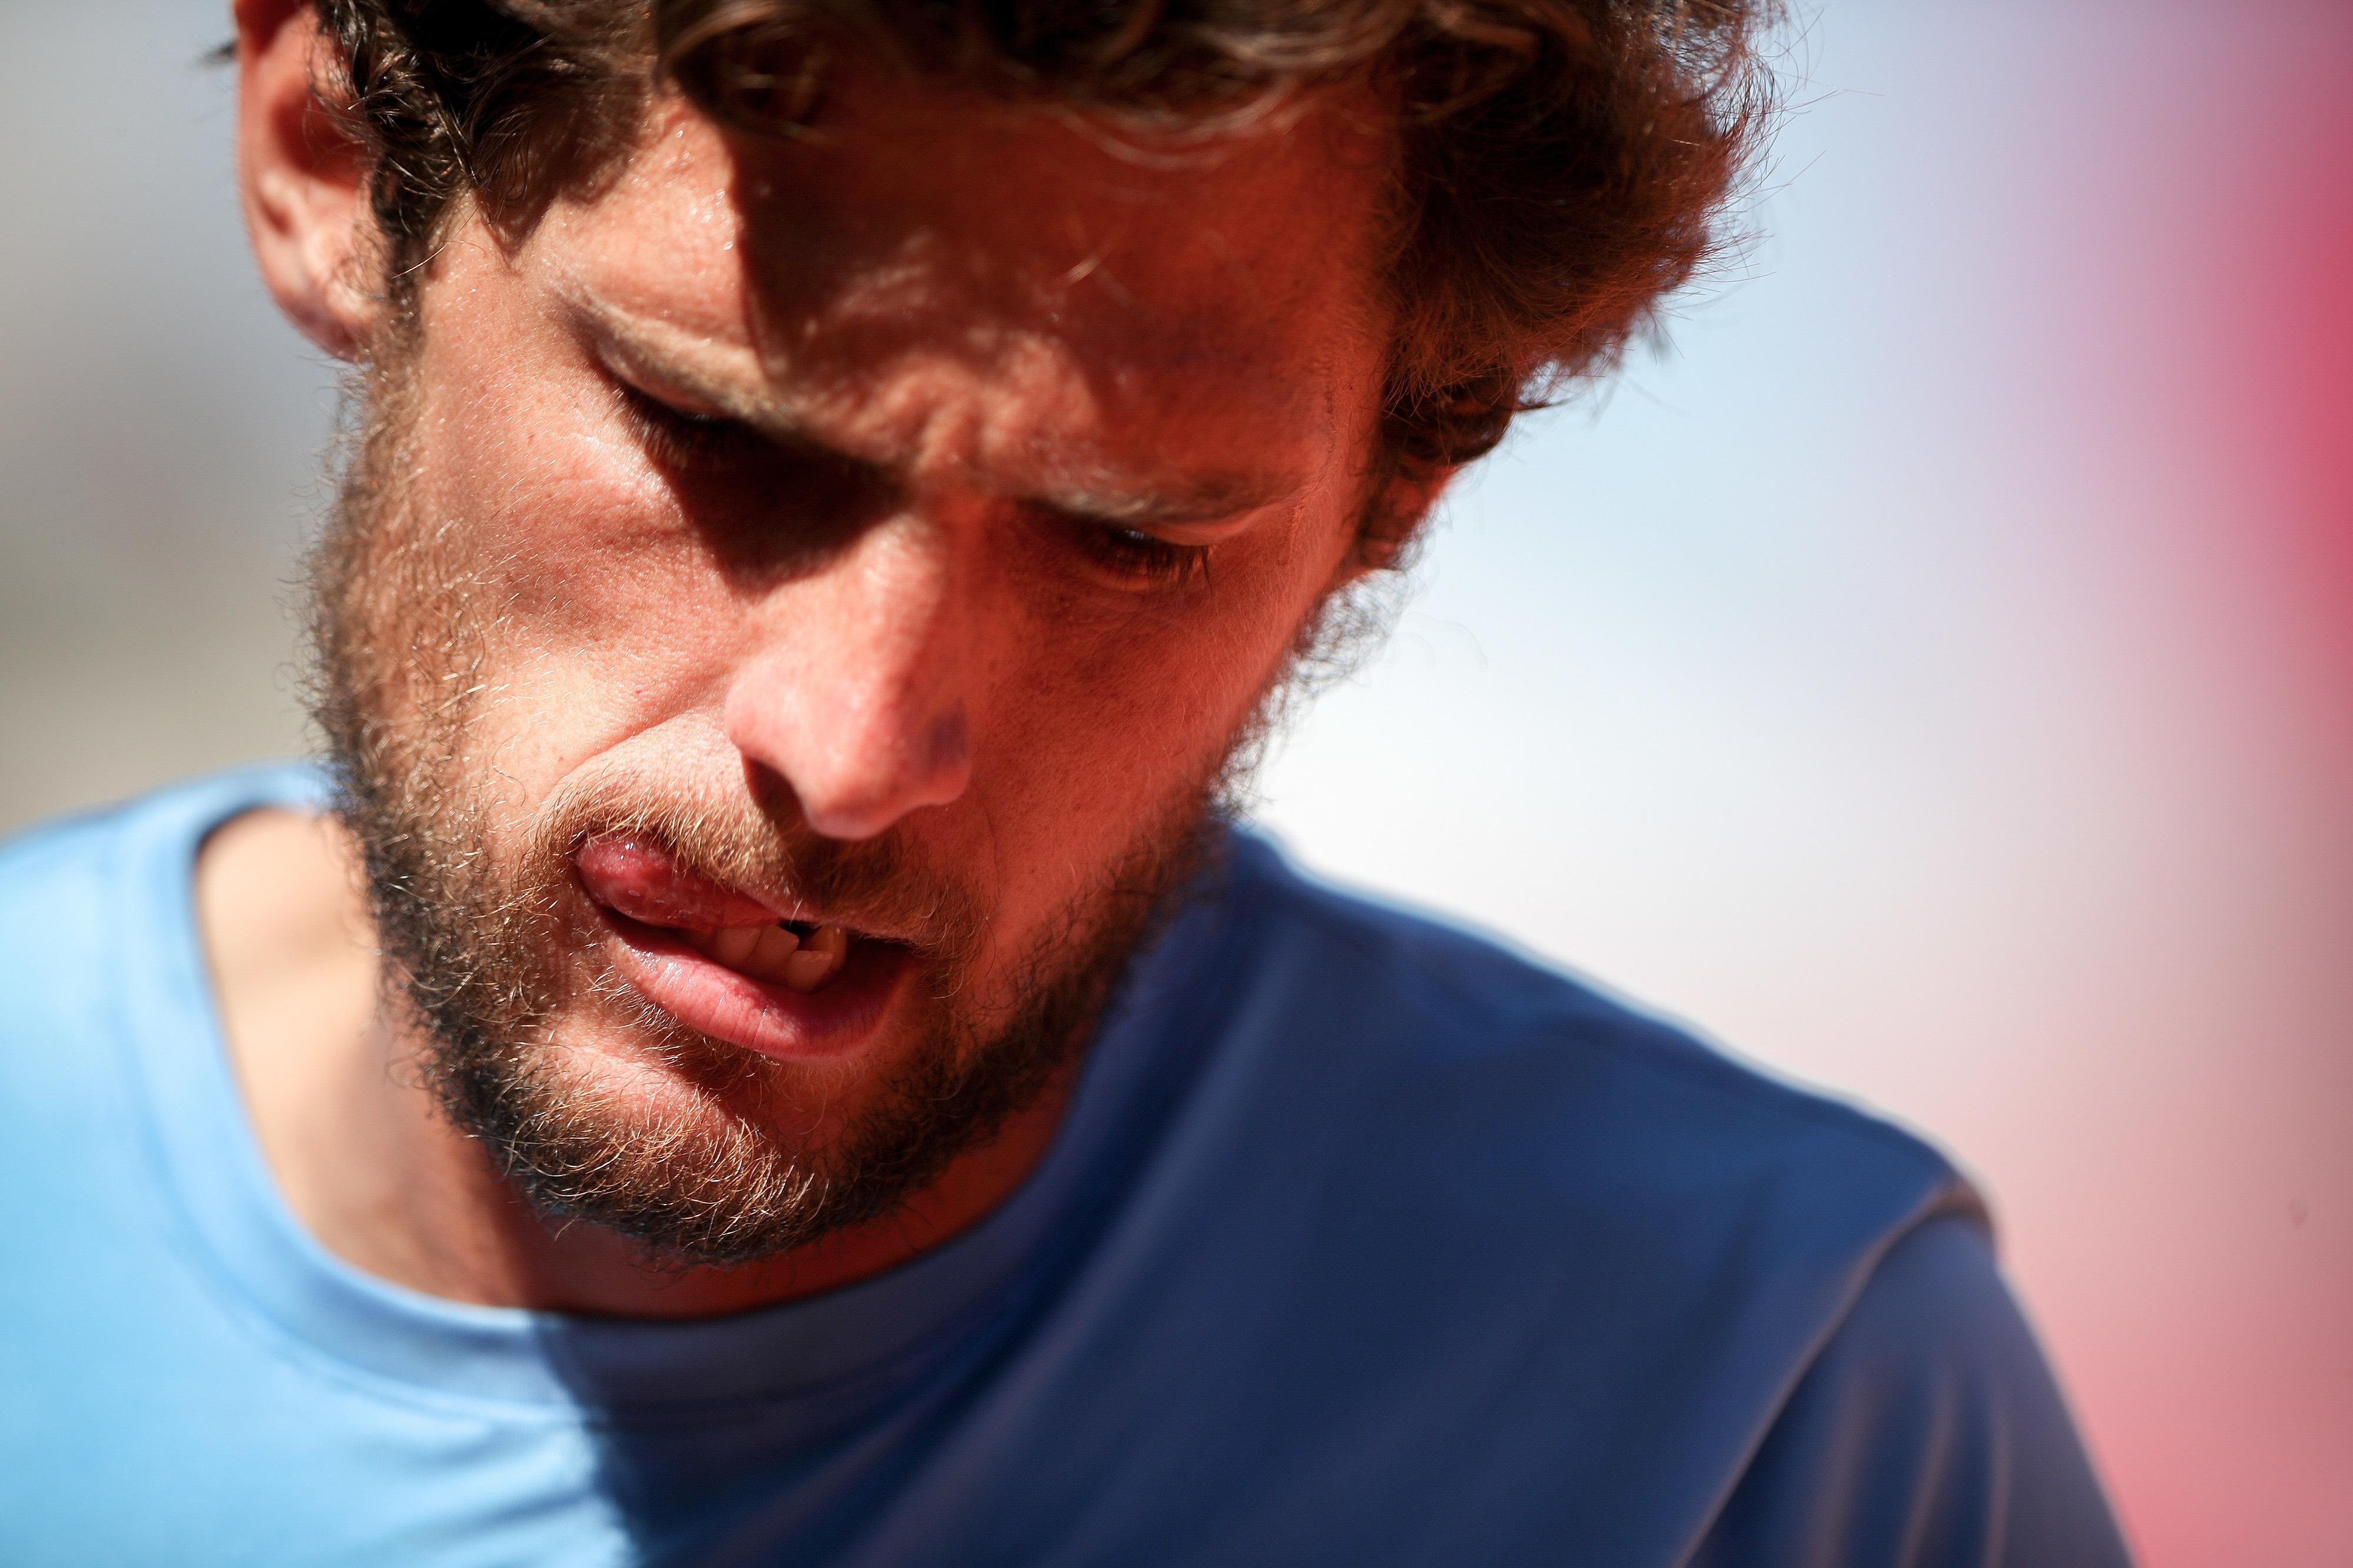 Tenista Pedro Sousa eliminado na primeira ronda do torneio croata de Umag